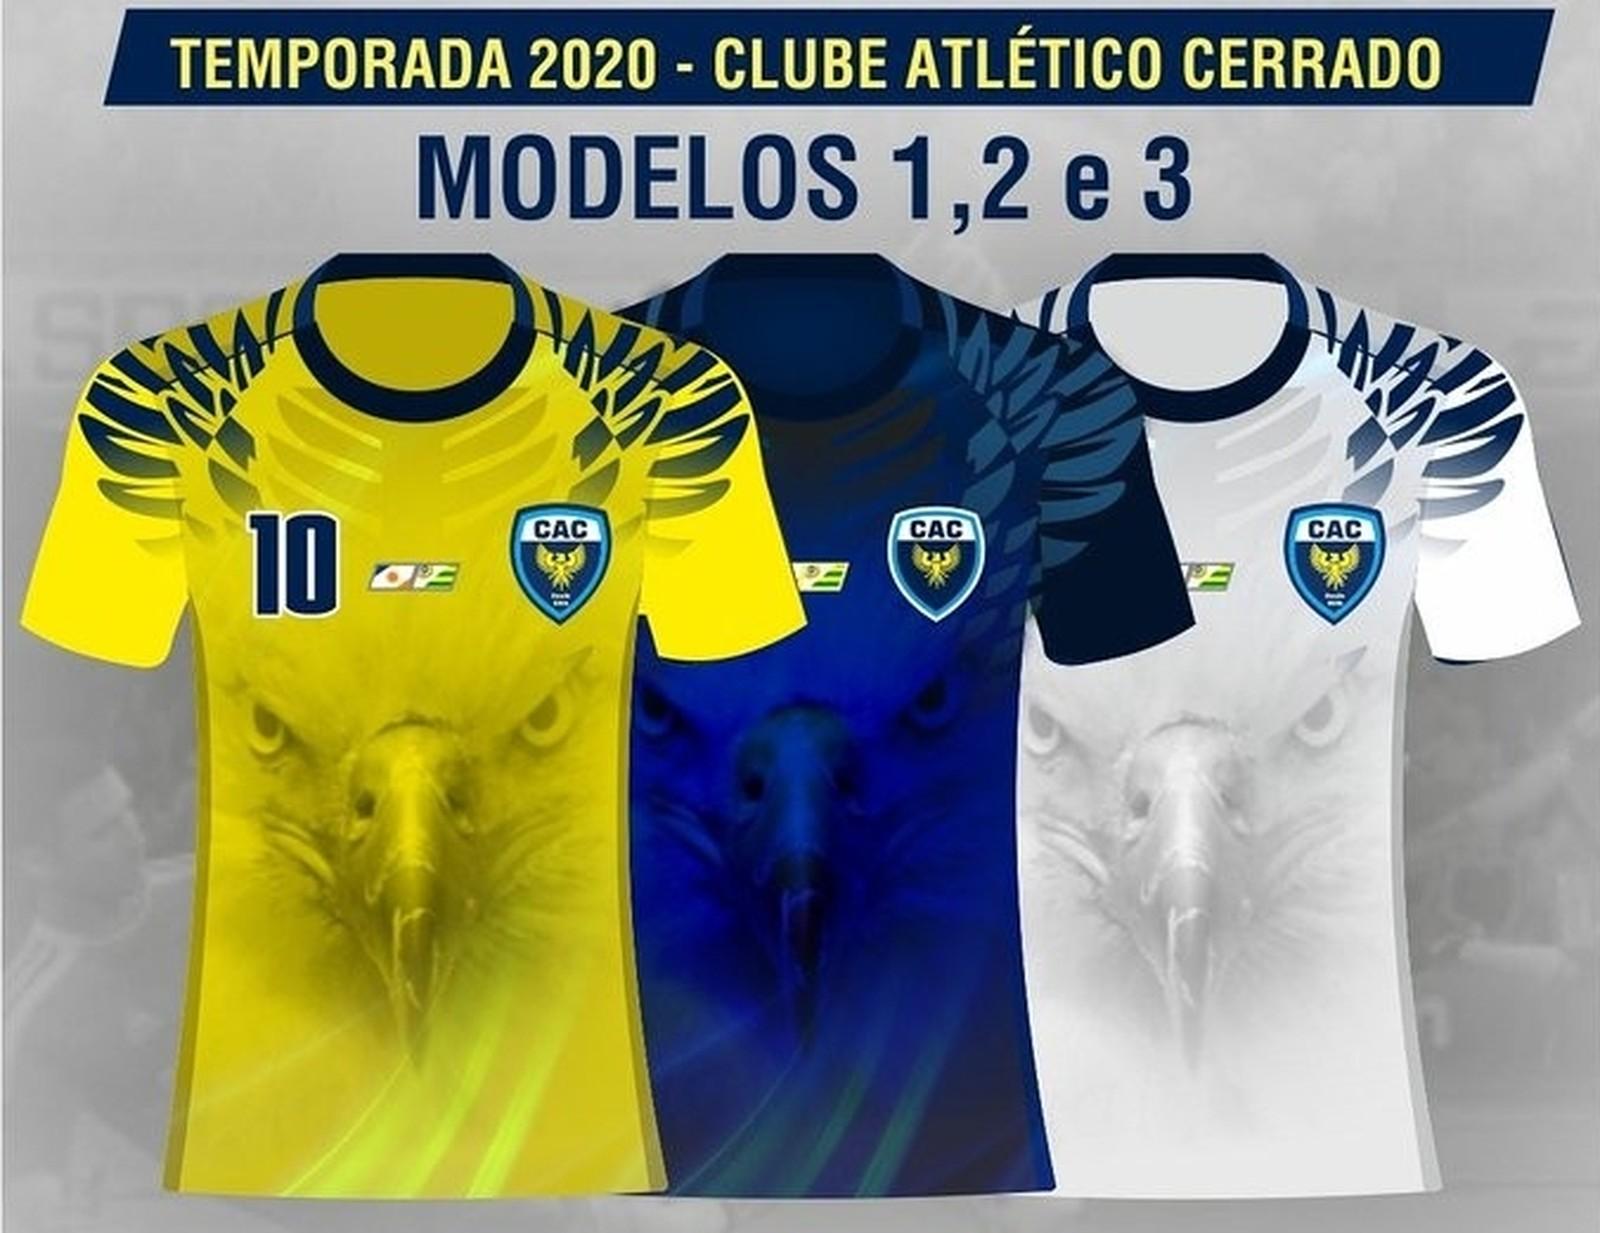 Atlético Cerrado divulga os uniformes para temporada 2020